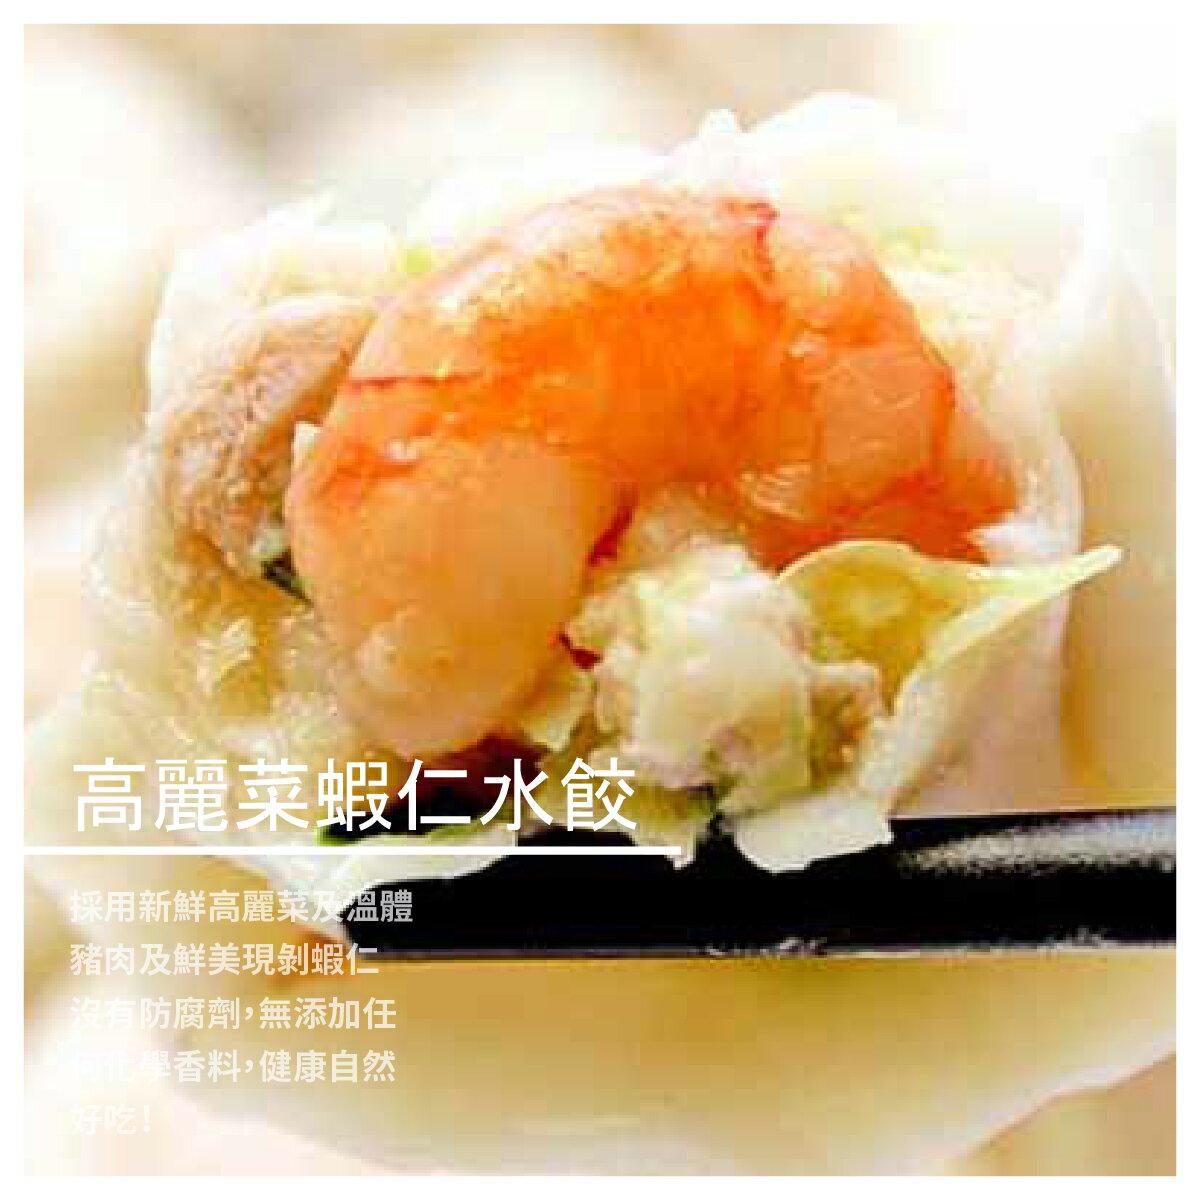 【黑豬泰國蝦宅配】高麗菜蝦仁水餃 50顆/袋